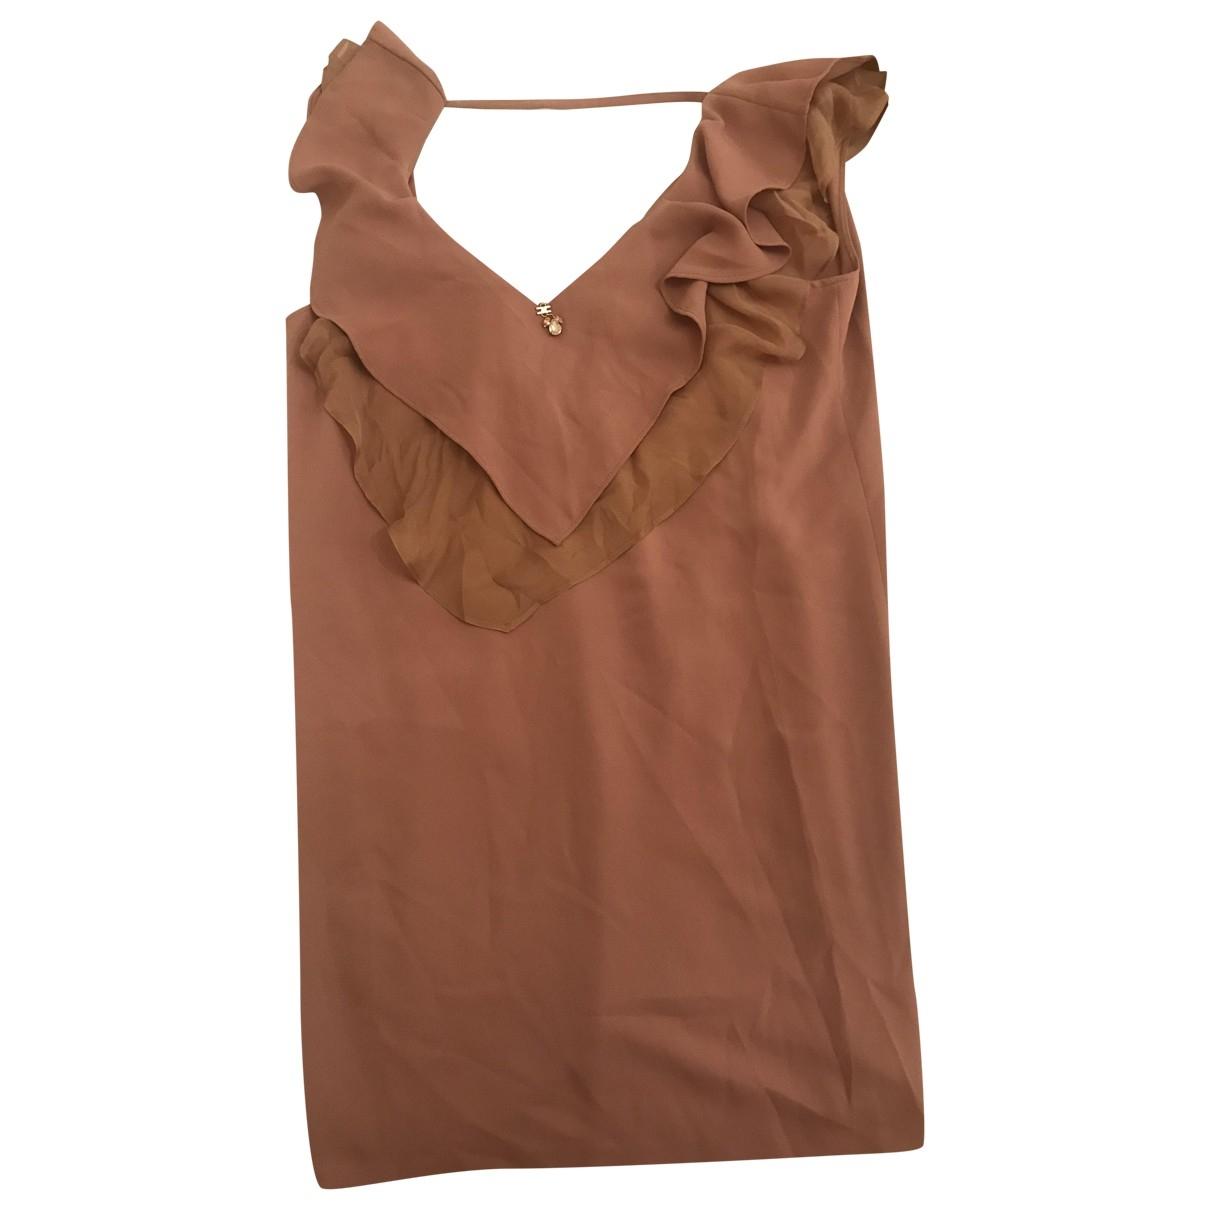 Elisabetta Franchi \N Kleid in  Beige Baumwolle